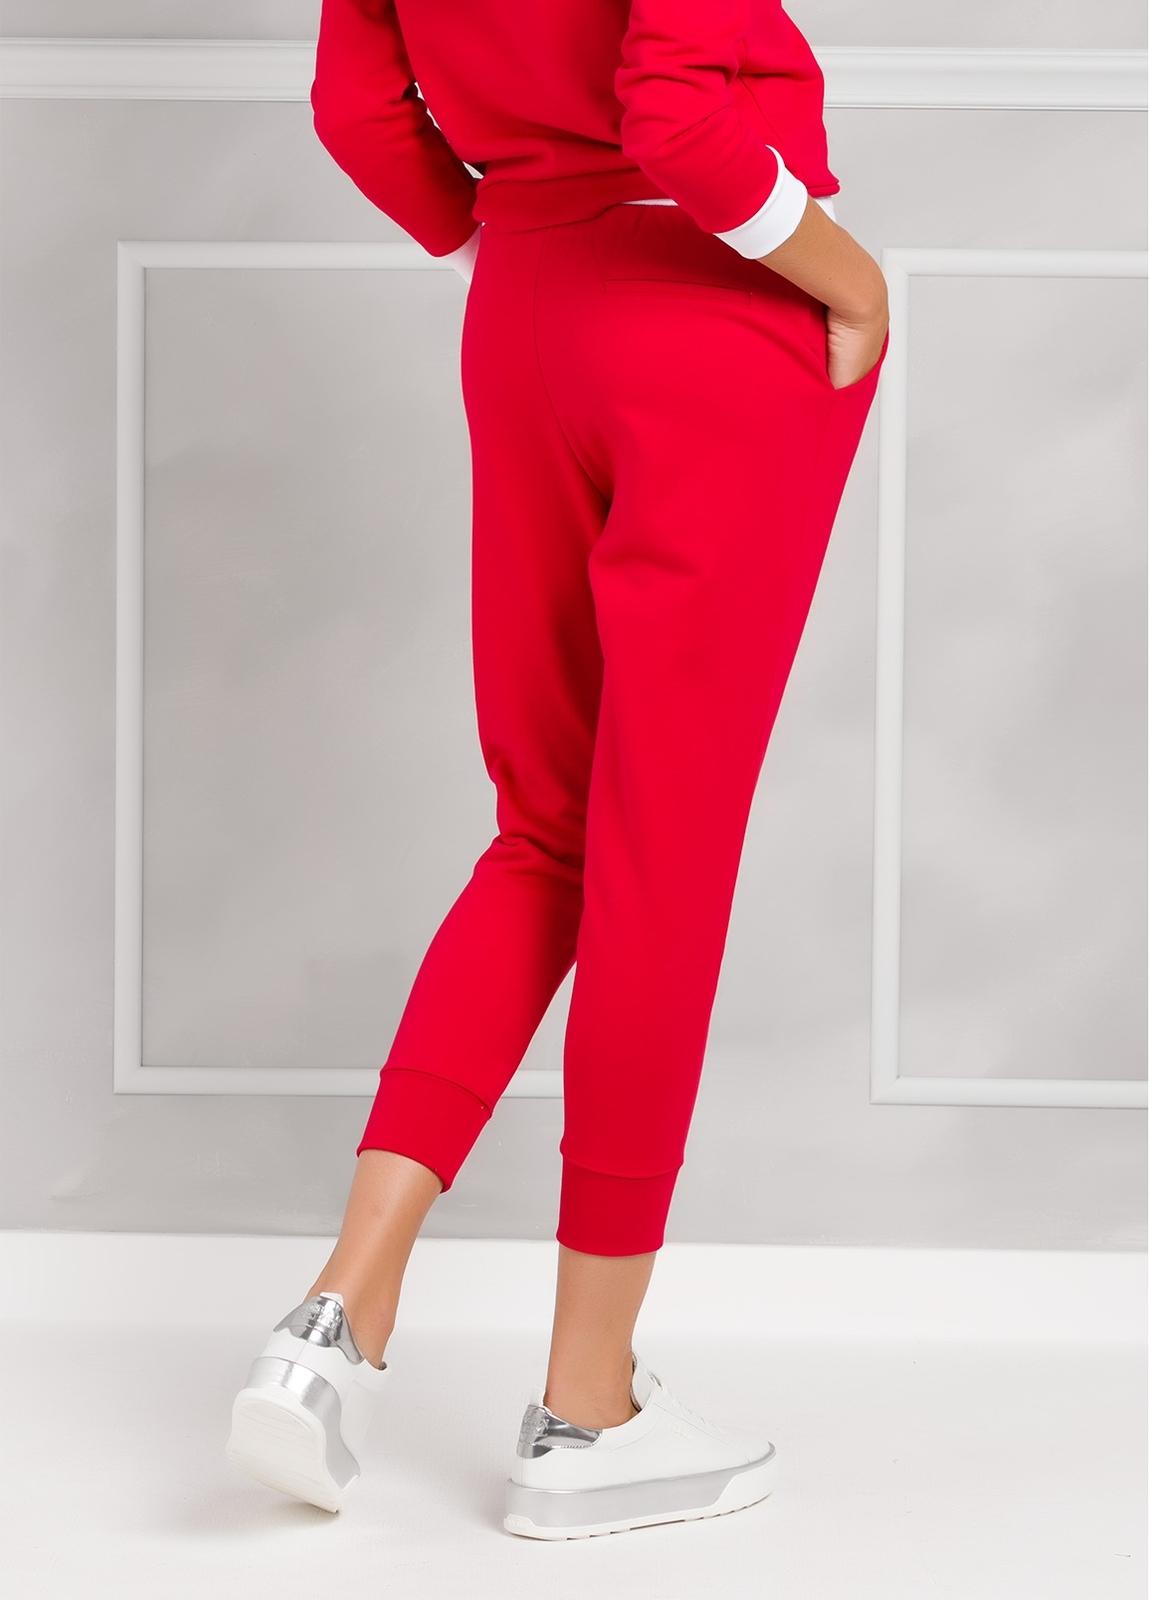 Pantalón jogging color rojo con cintura blanca con cordones, 100% Algodón. - Ítem1